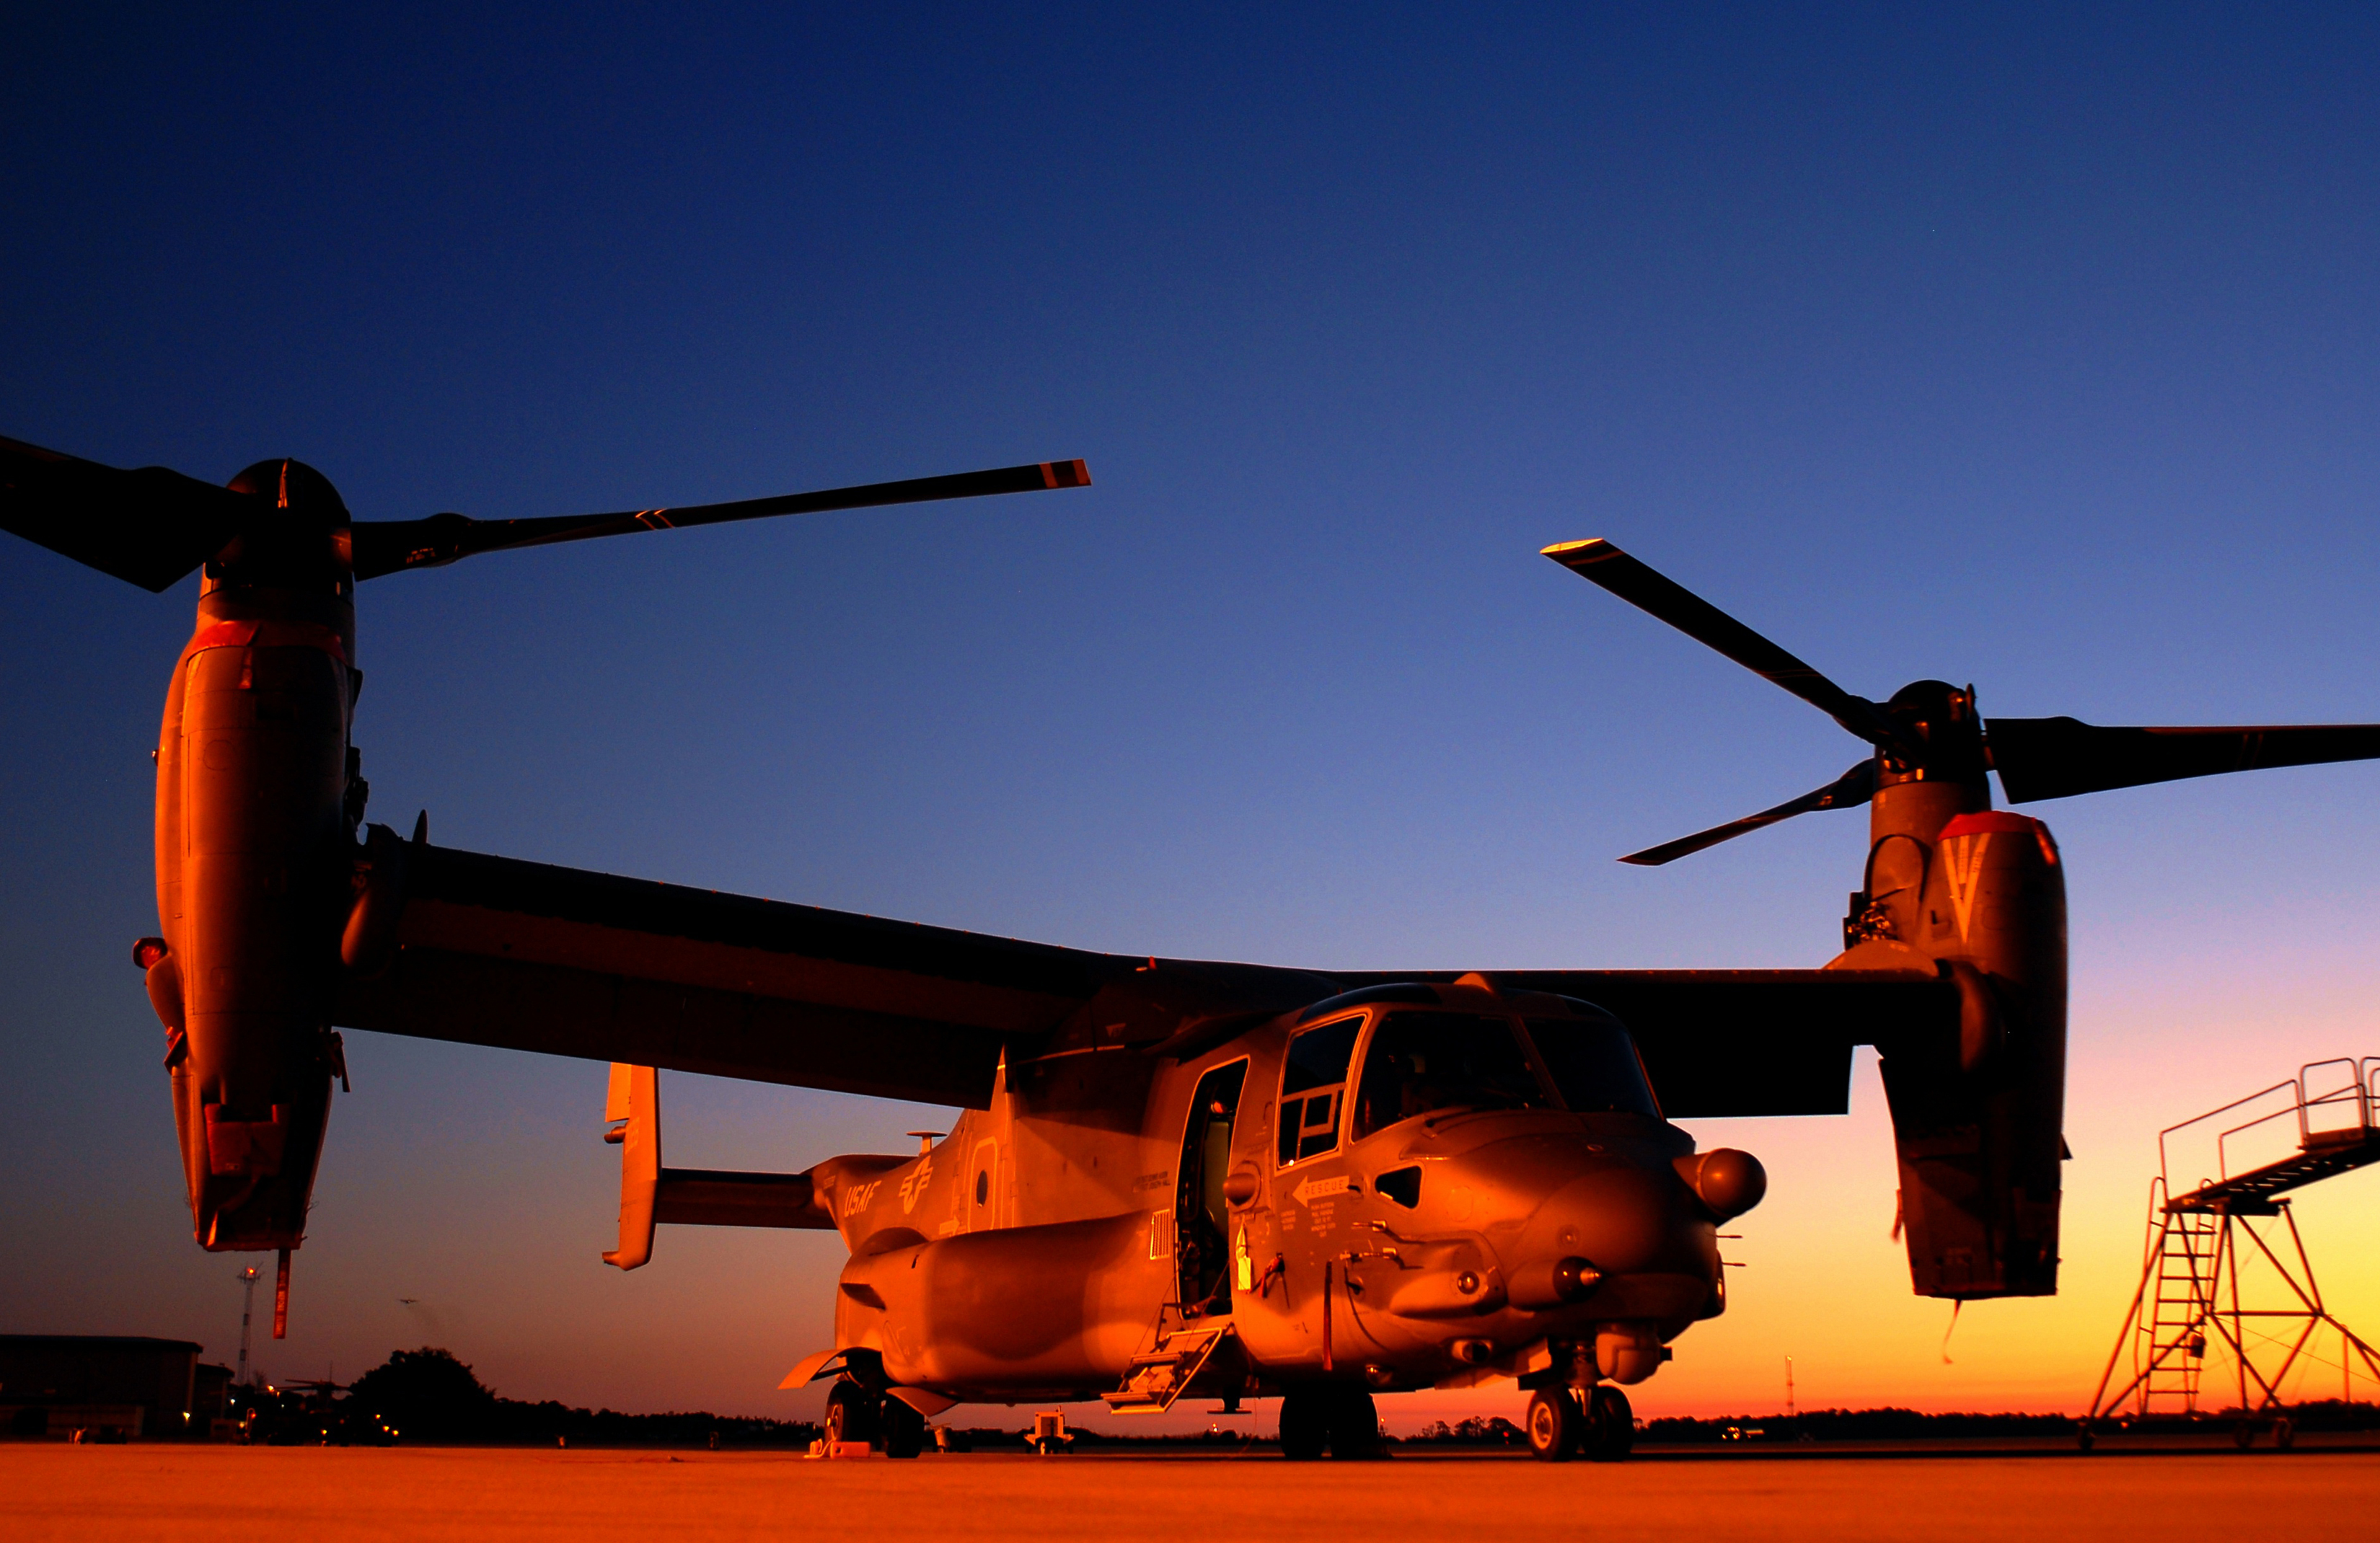 V-22 Osprey at Hurlburt Field